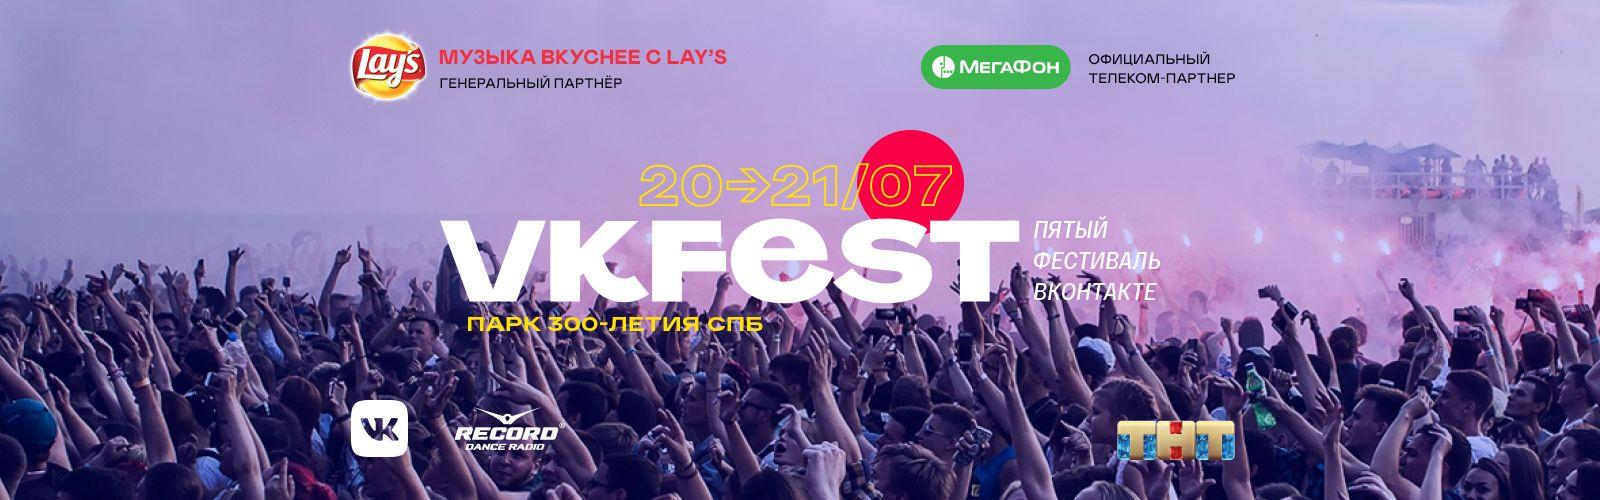 7c5ab28ea929d VK Fest 2019» - купить билеты онлайн | 21 июля 2019 12:00, Парк 300 ...